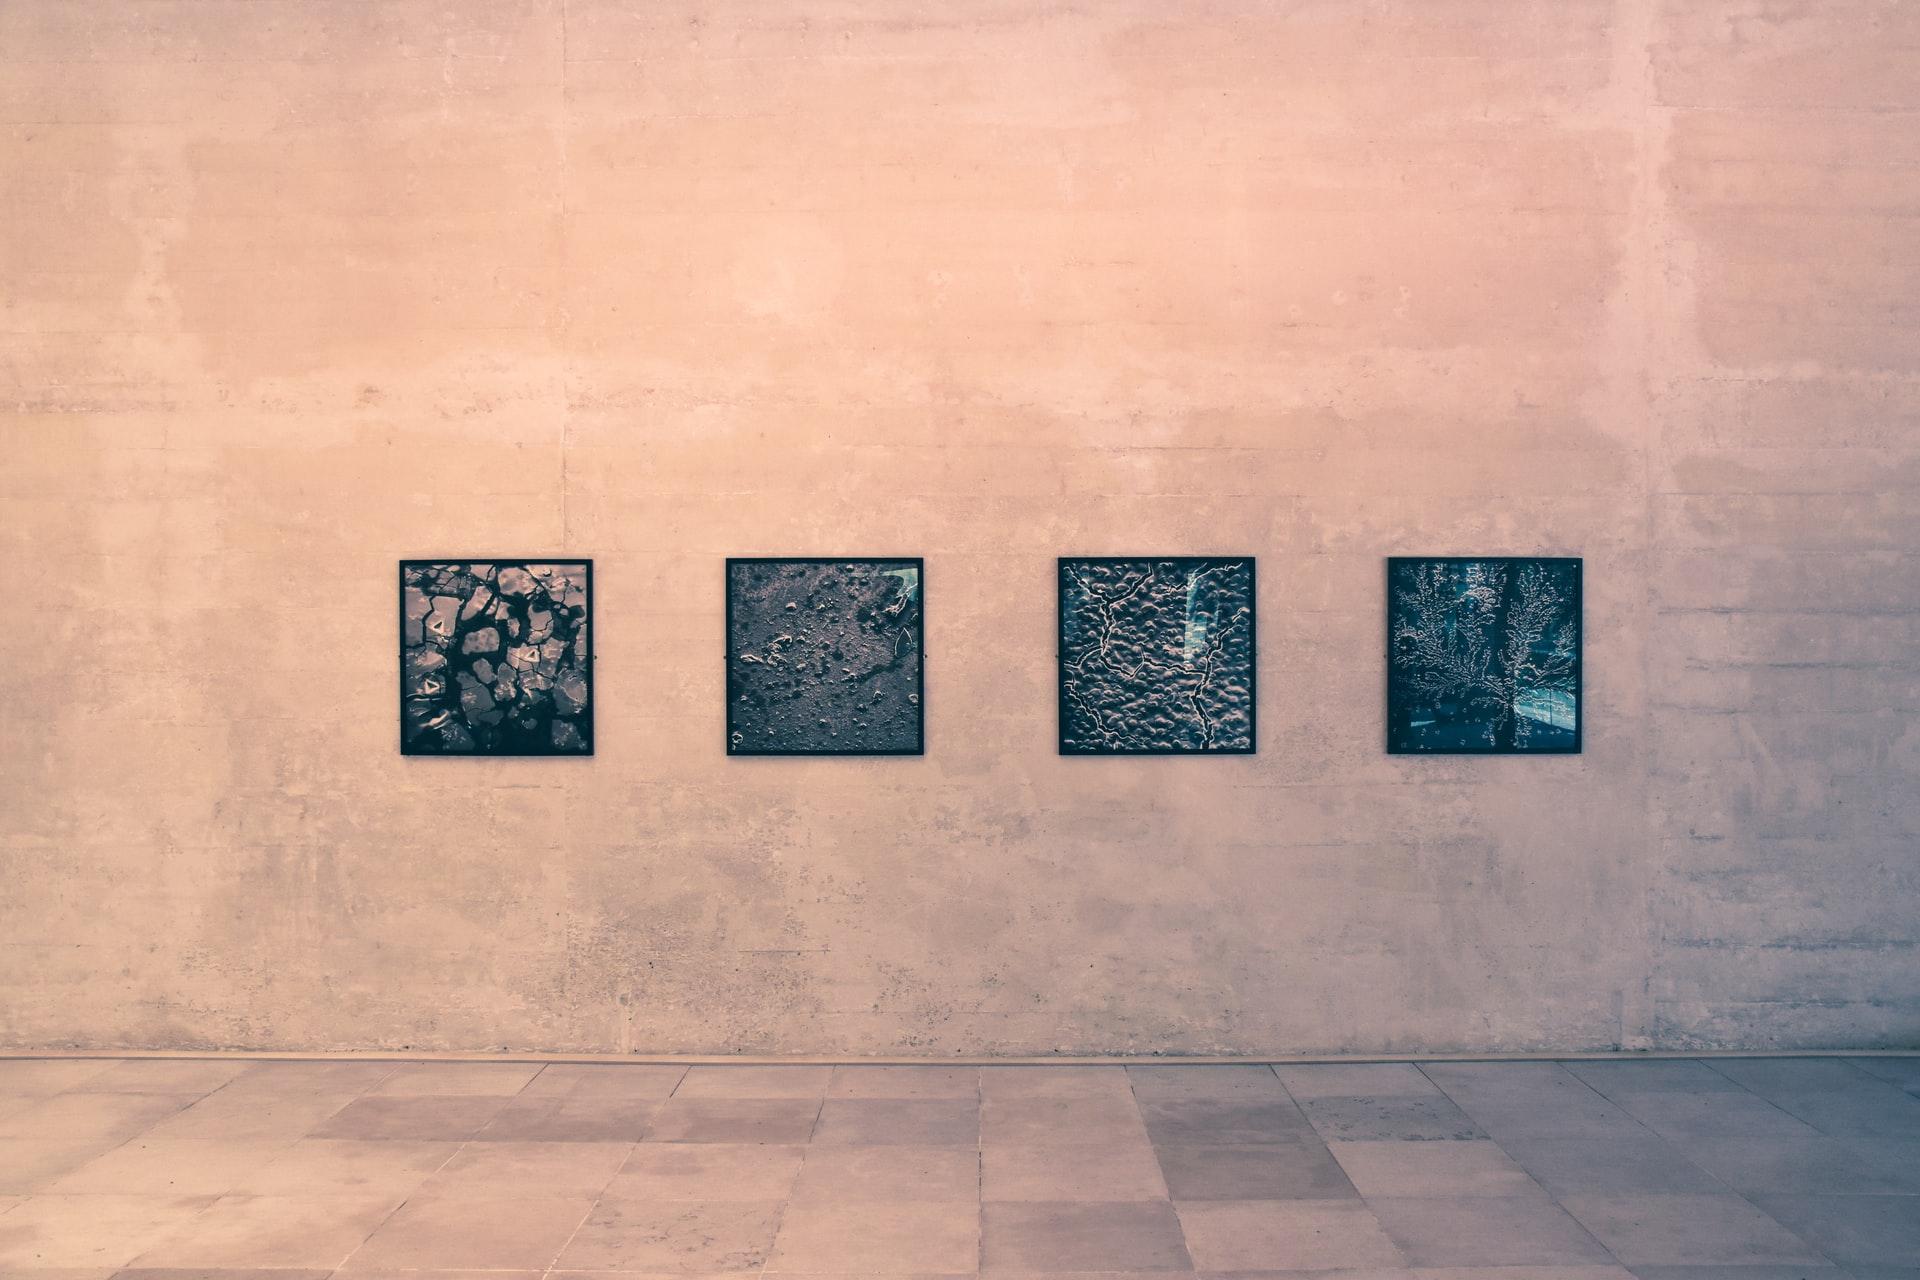 Bienal de Venecia: información, historia y curiosidades